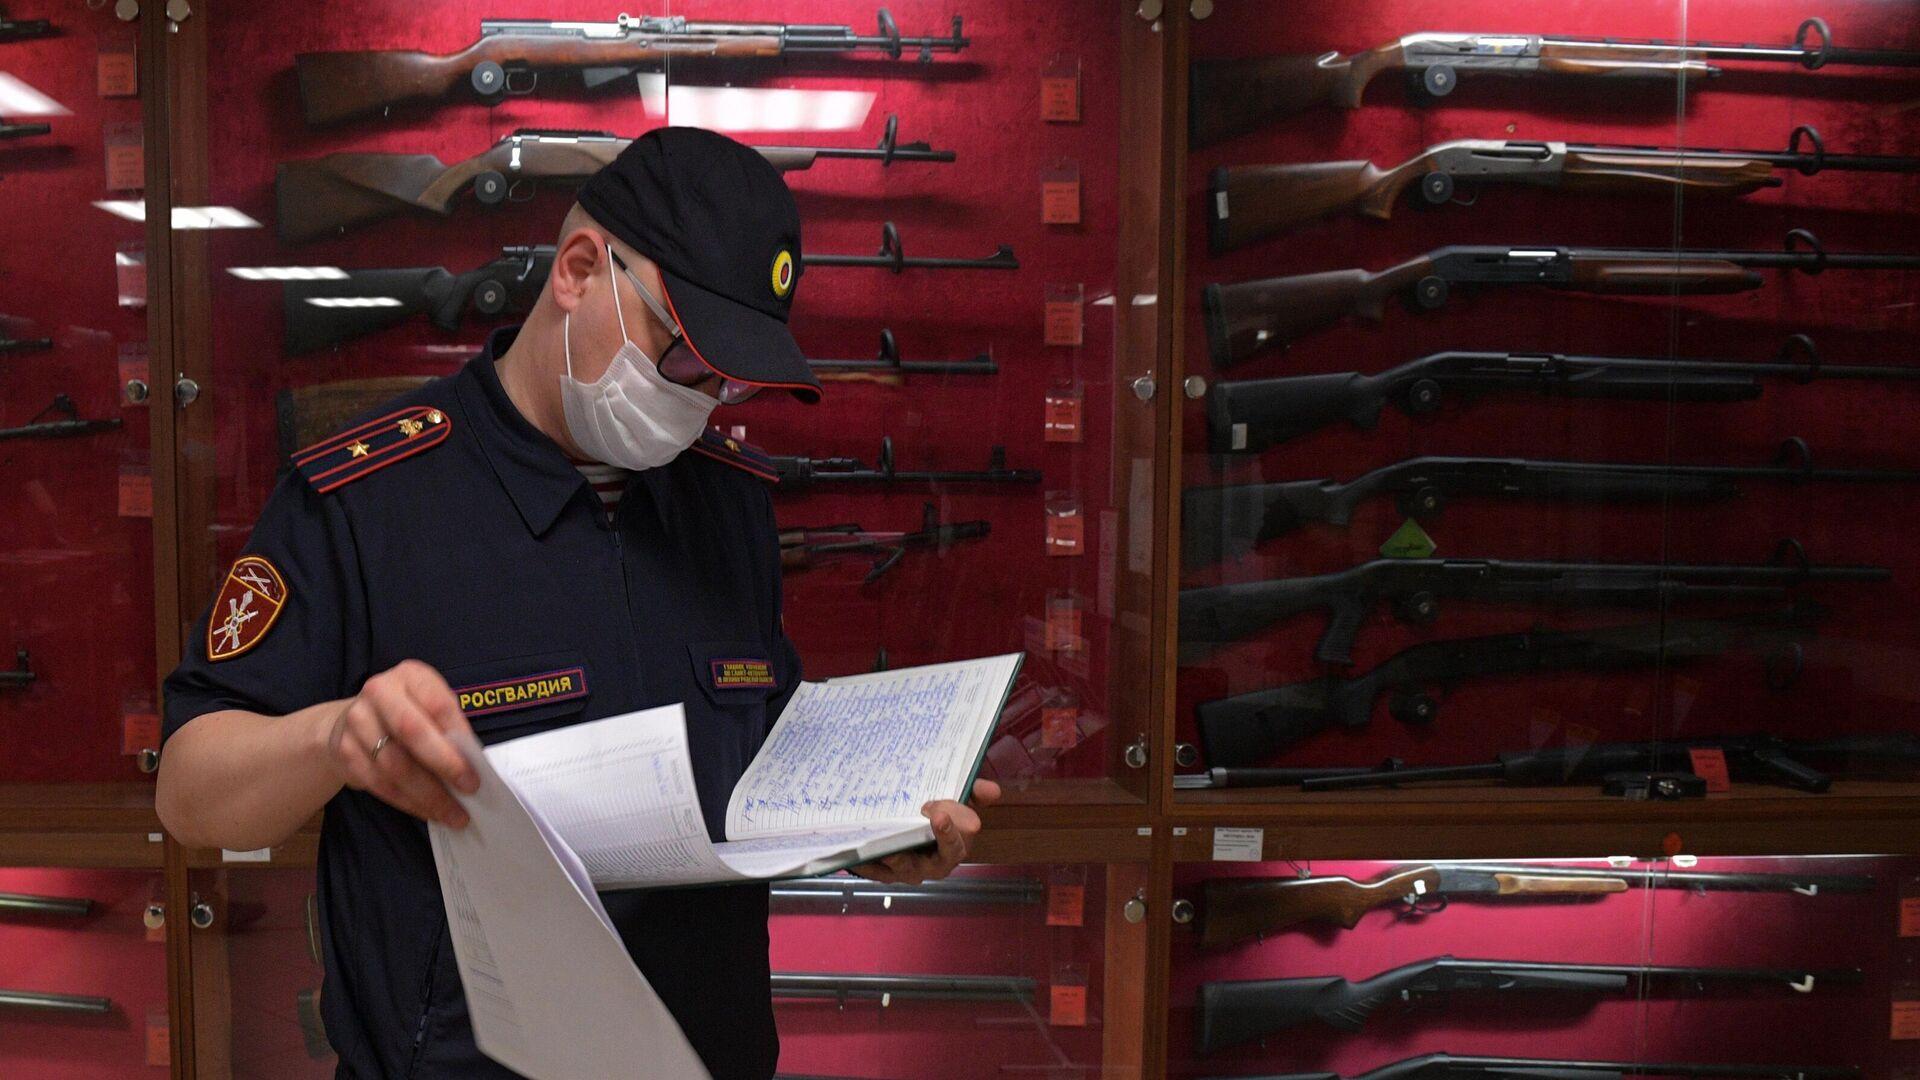 Сотрудник Росгвардии проводит проверку в оружейном магазине в Санкт-Петербурге - РИА Новости, 1920, 10.06.2021